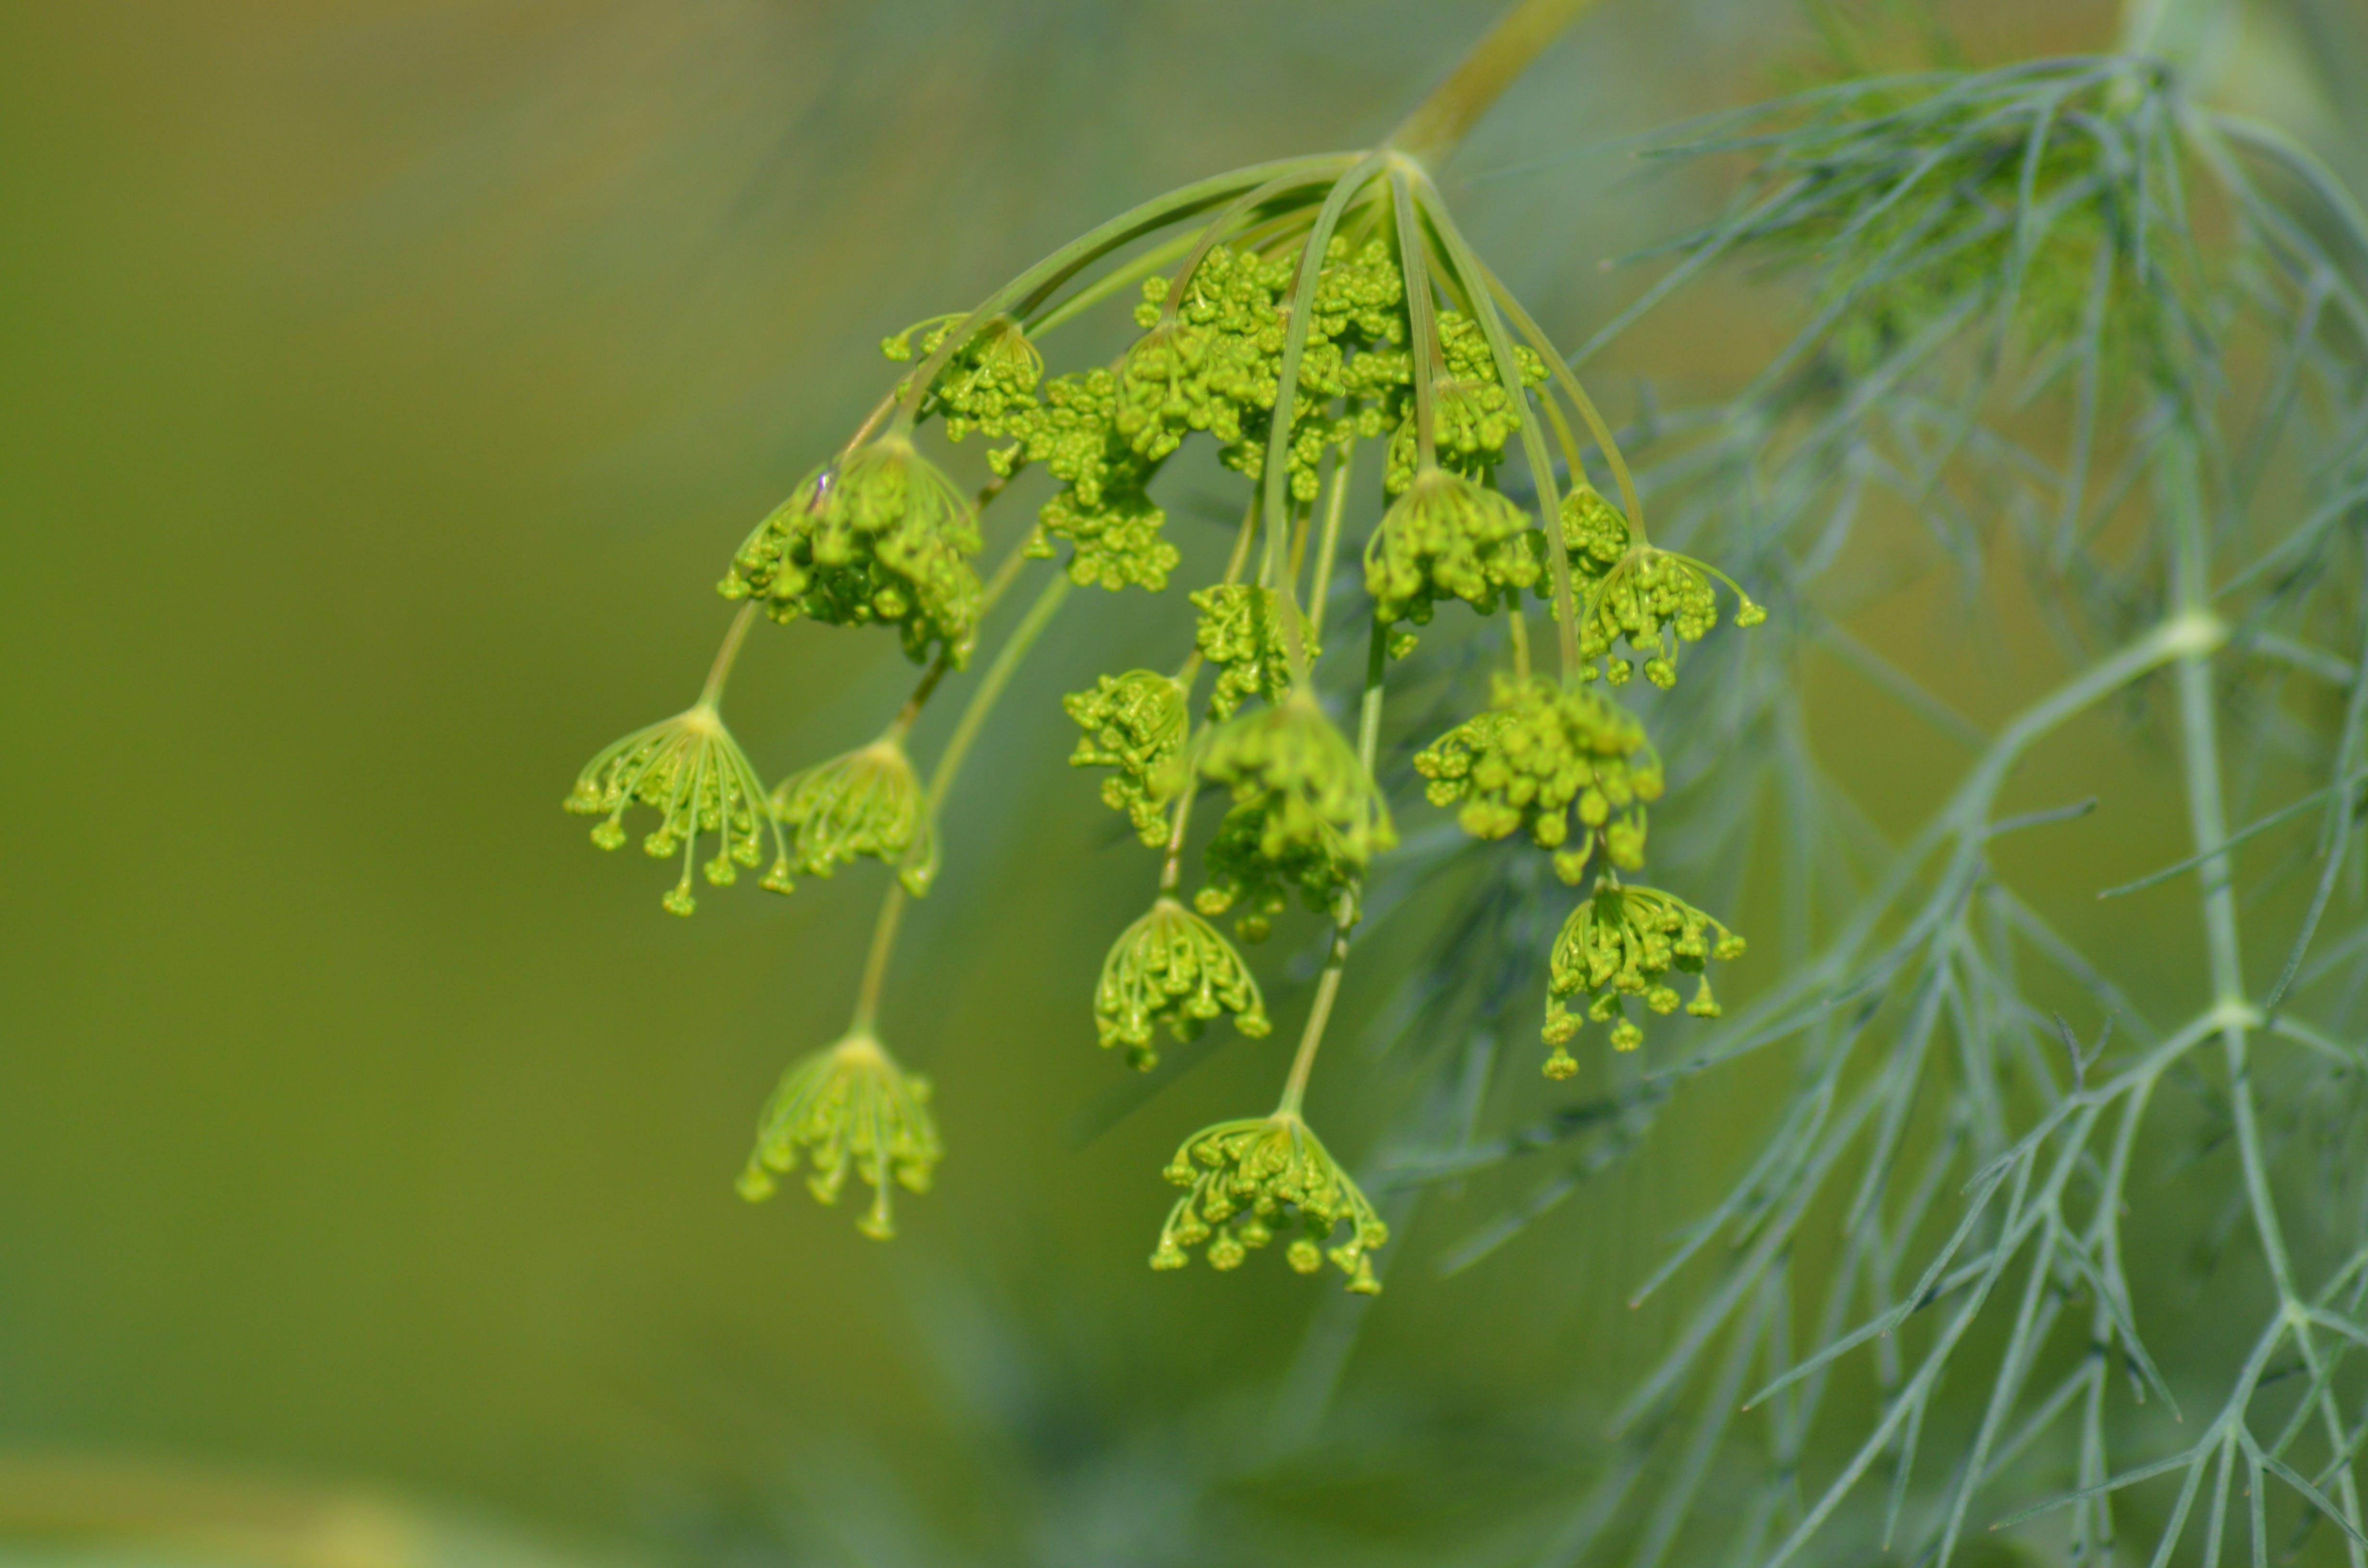 식물의 무료 스톡 사진